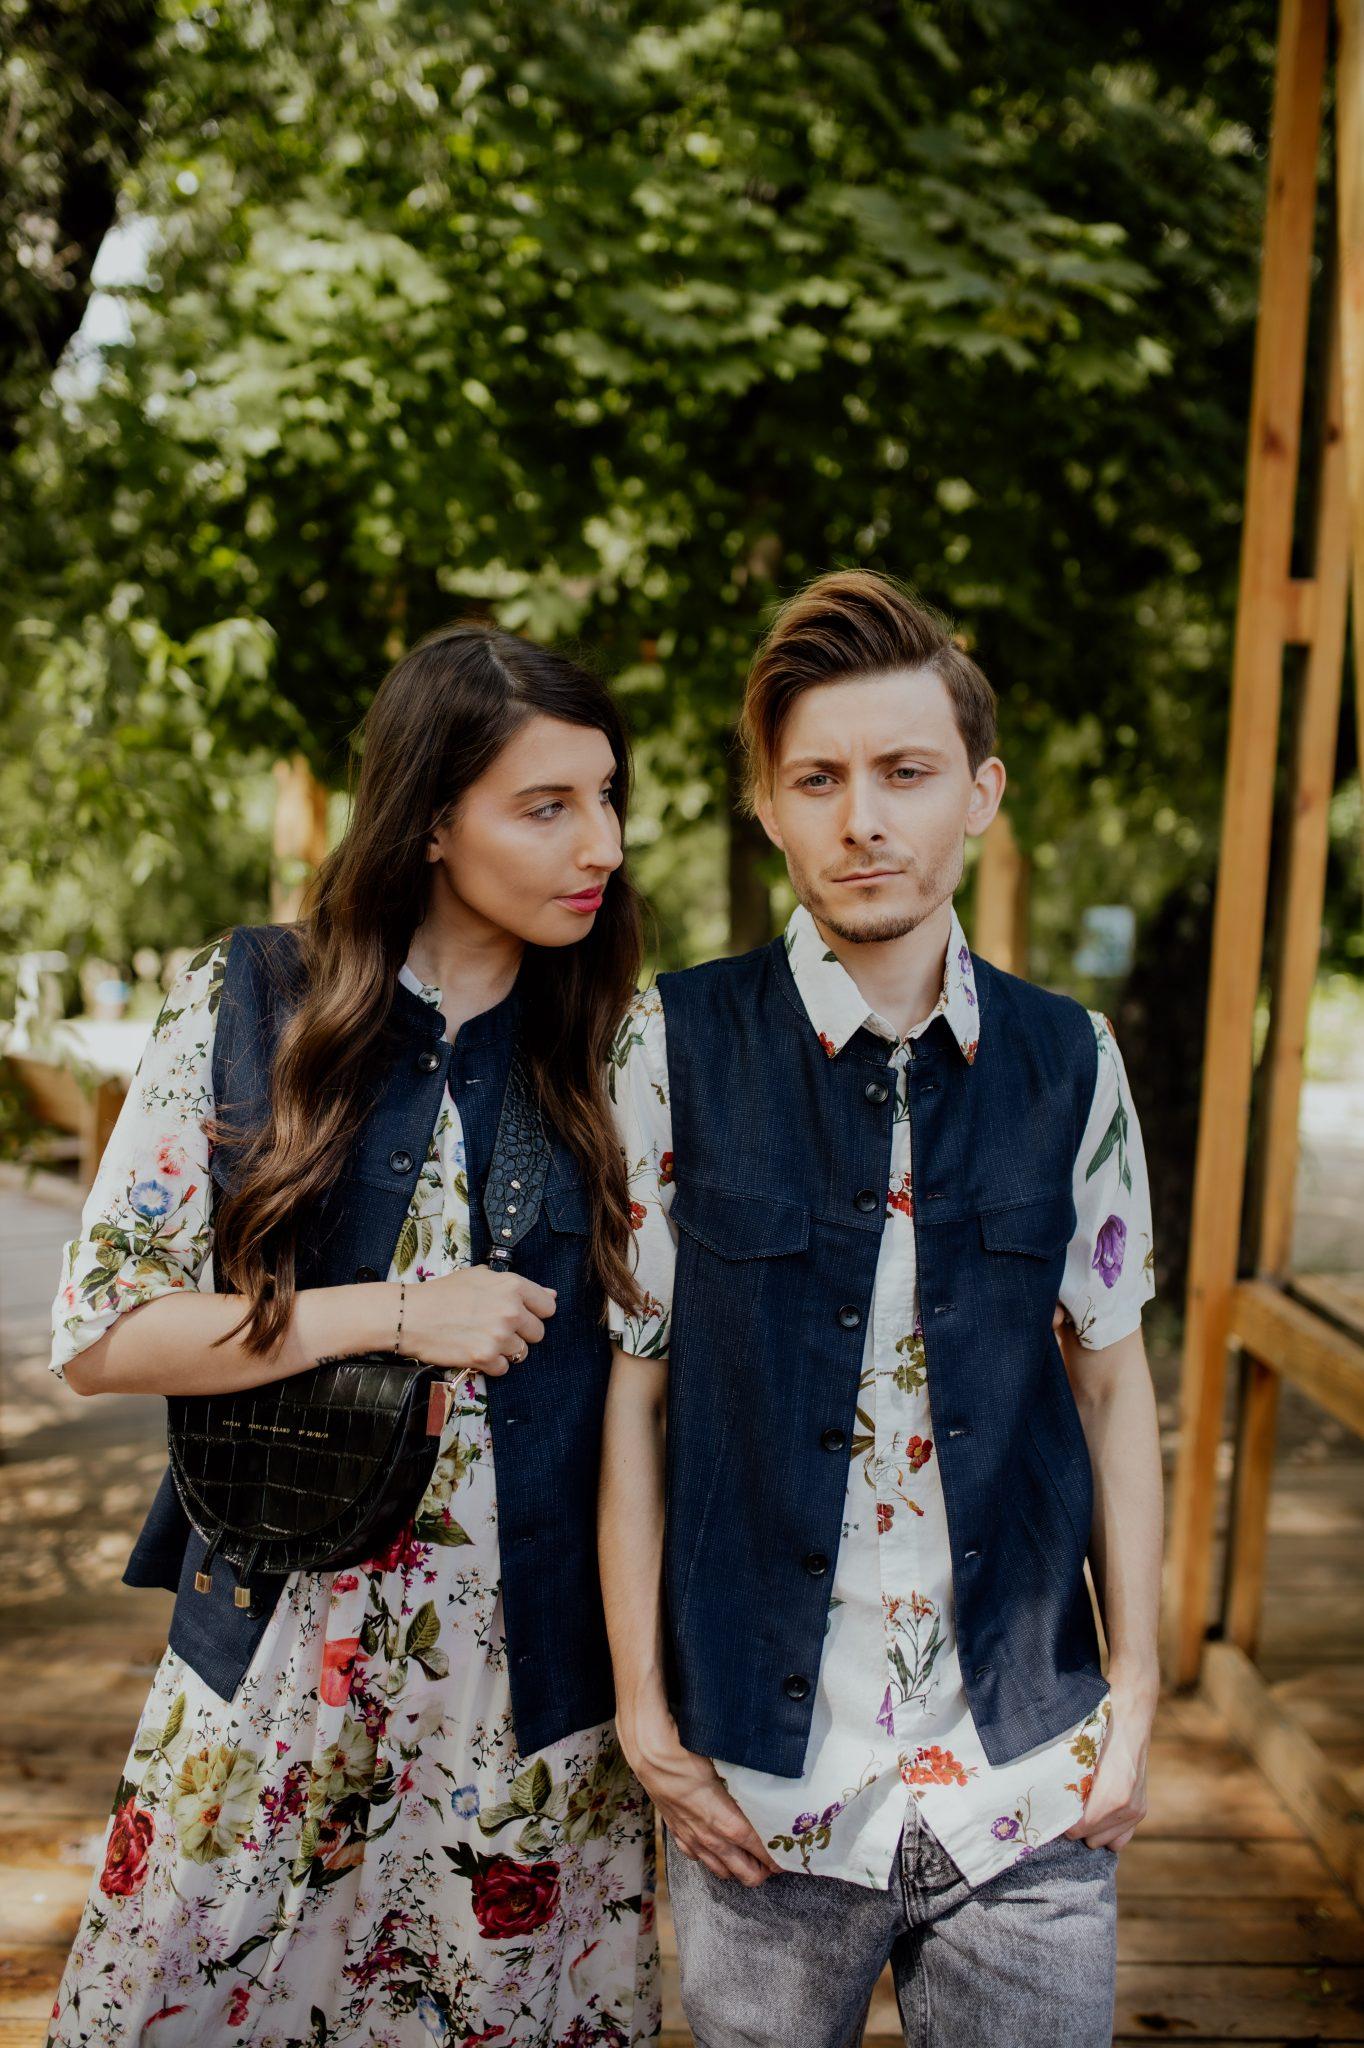 white-moda-sielskie-stylizacje-blog-modo